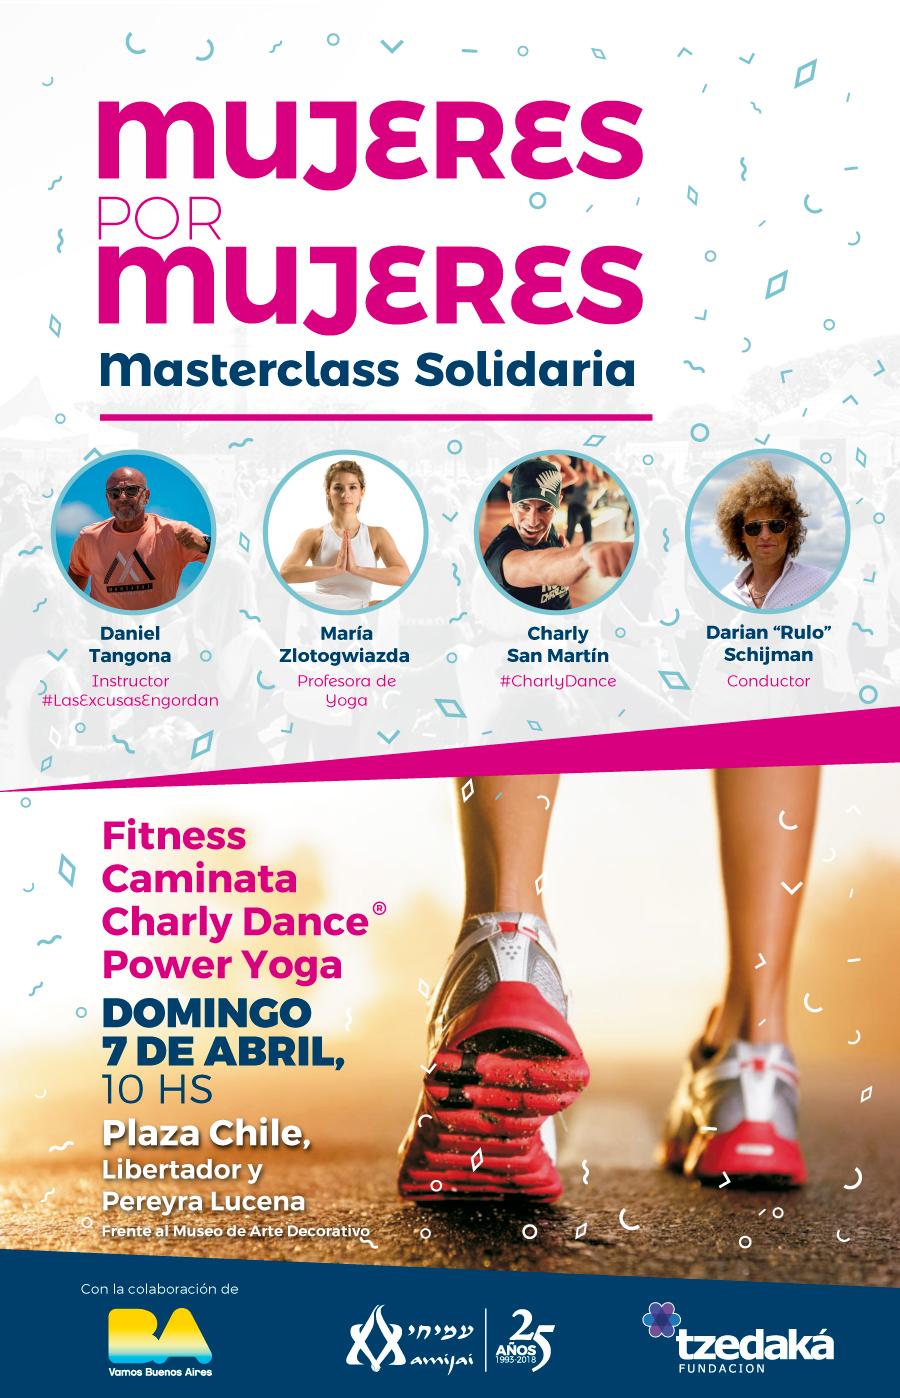 Masterclass Solidaria Mujeres Por Mujeres